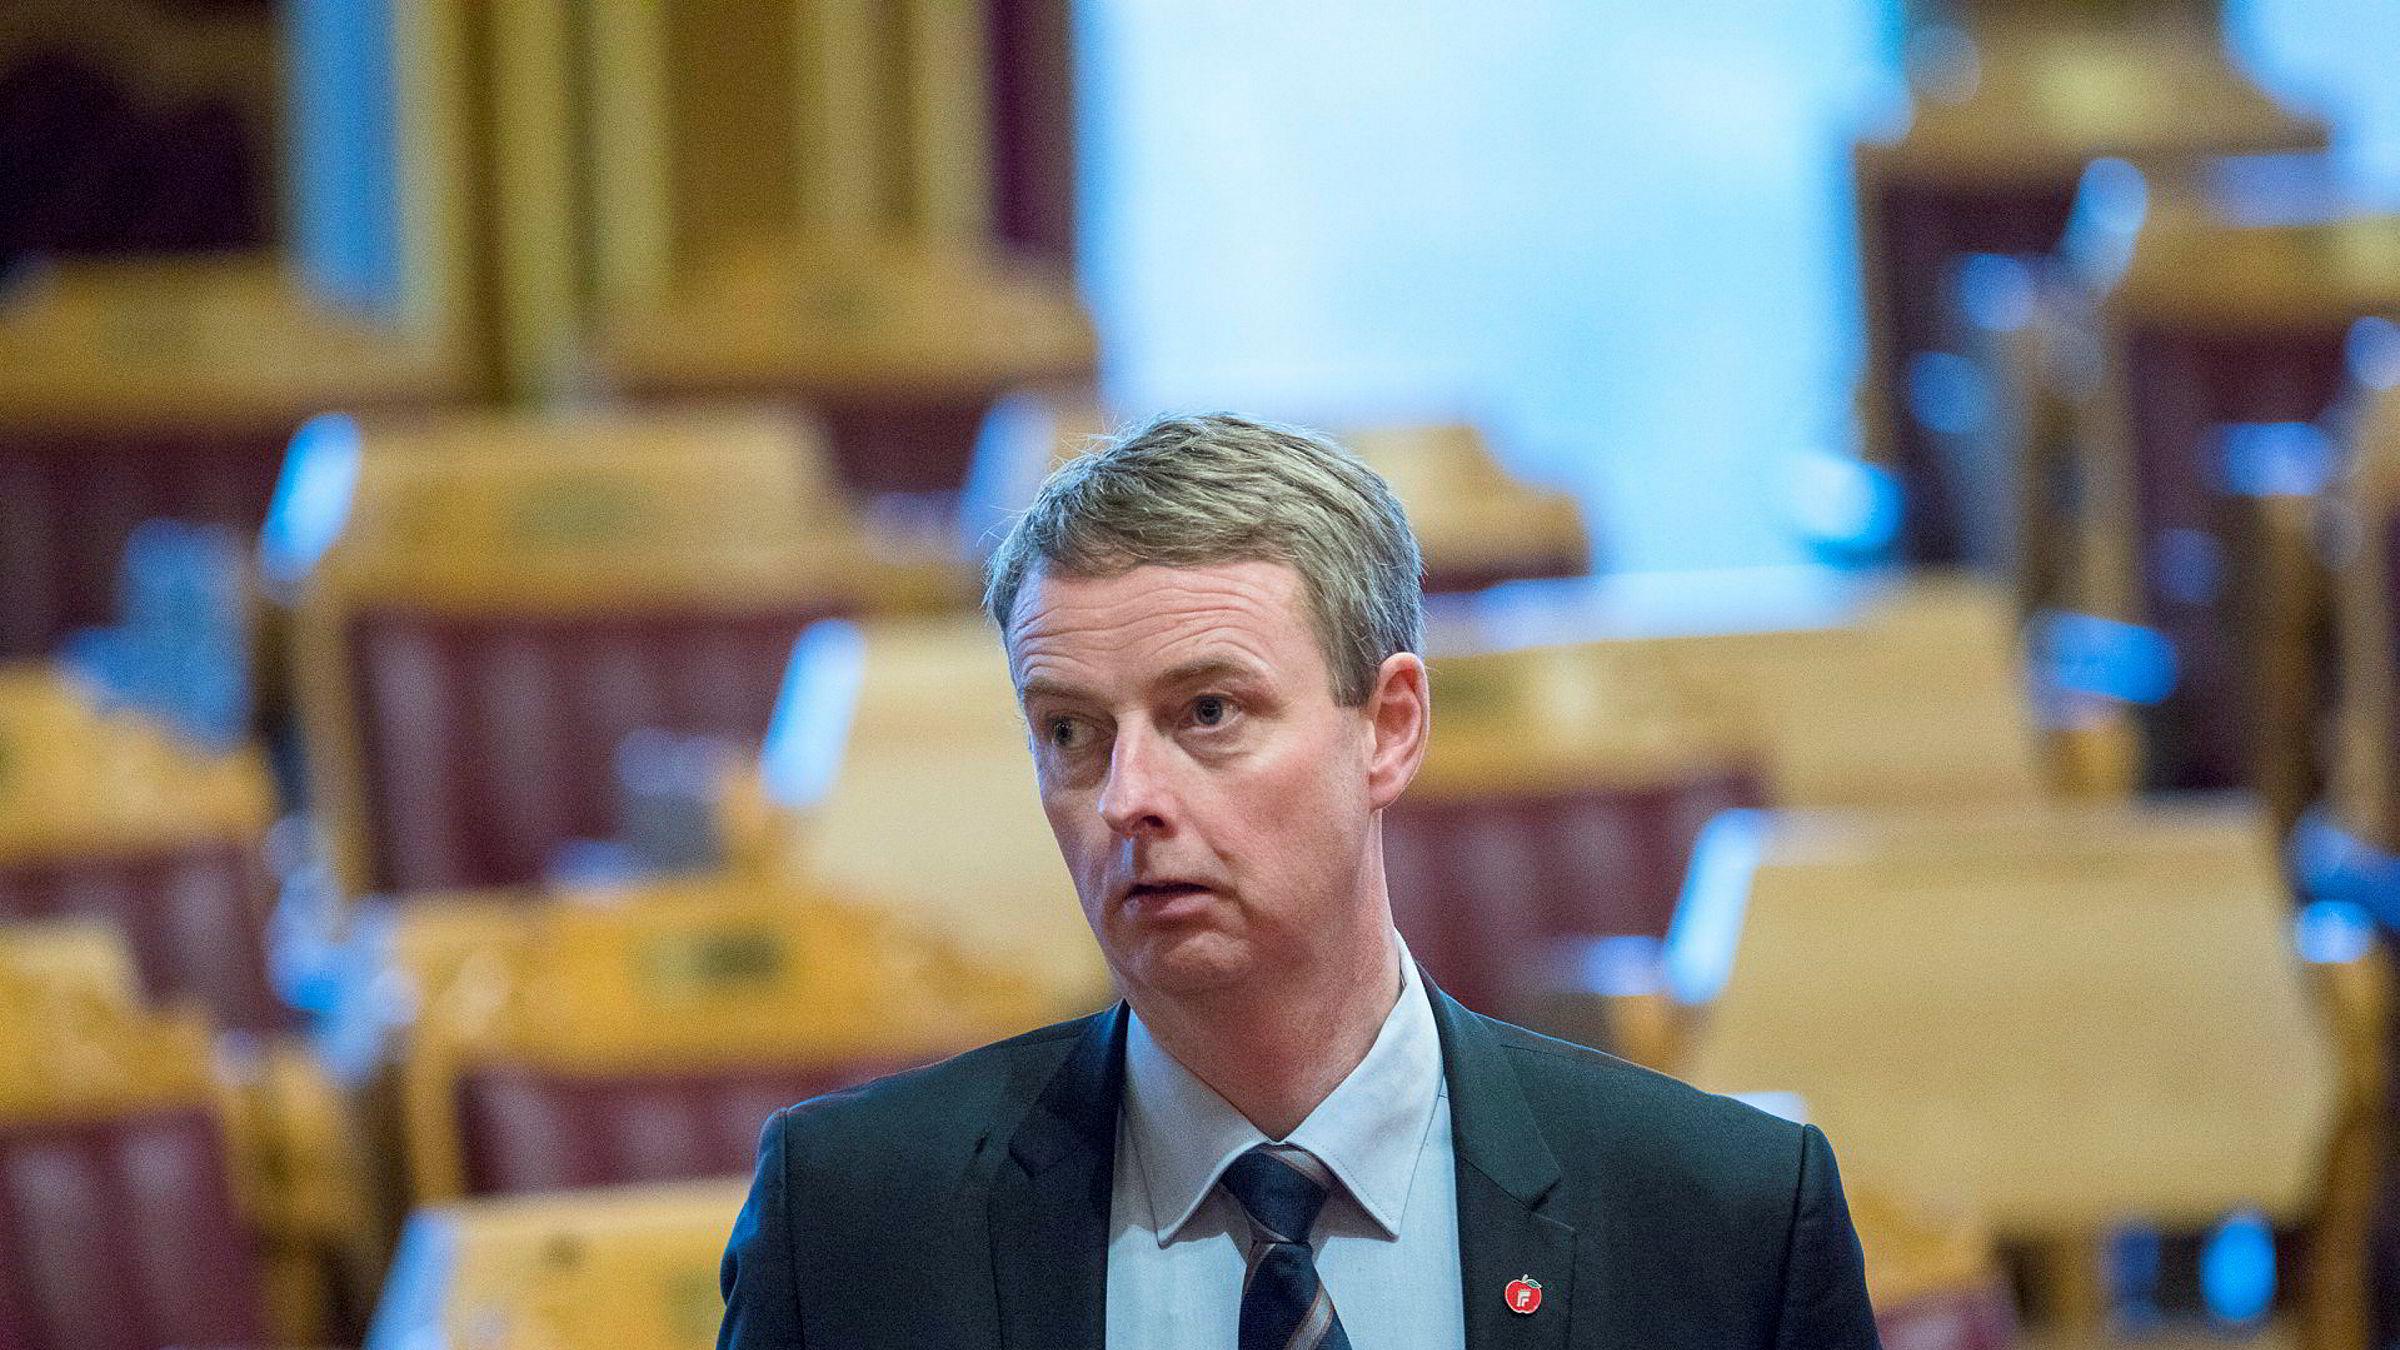 Olje- og energiminister Terje Søviknes har utlyst årets TFO-konsesjonsrunde for såkalt modne leteområder på norsk sokkel.